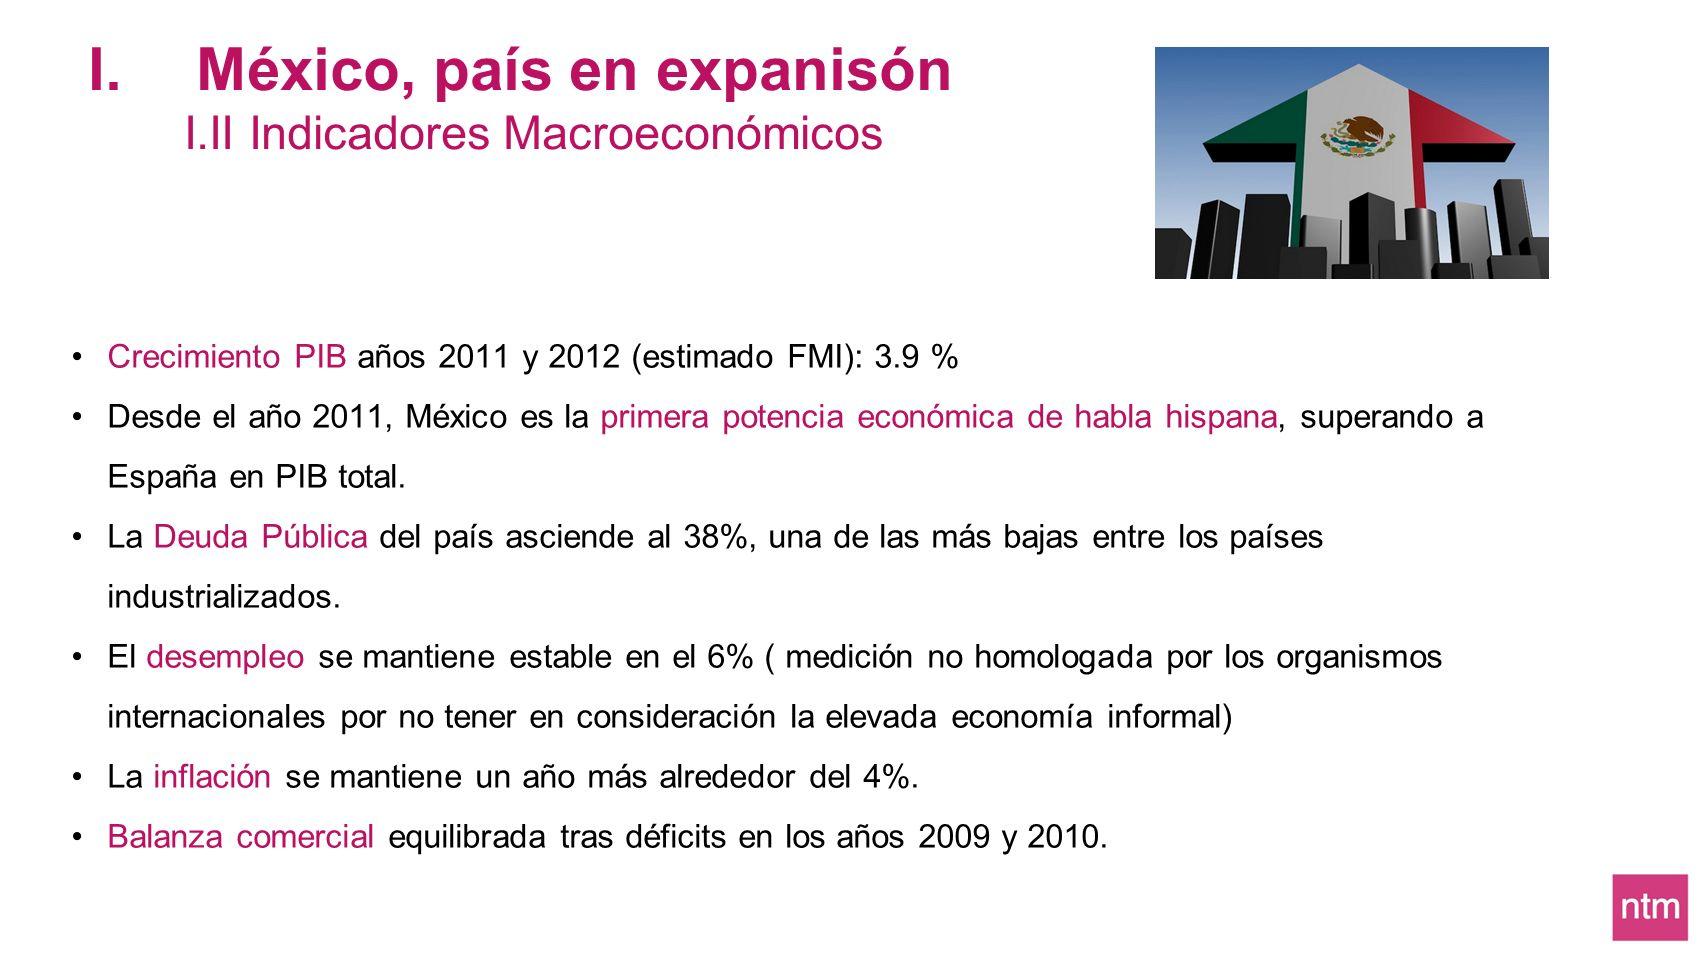 Crecimiento PIB años 2011 y 2012 (estimado FMI): 3.9 % Desde el año 2011, México es la primera potencia económica de habla hispana, superando a España